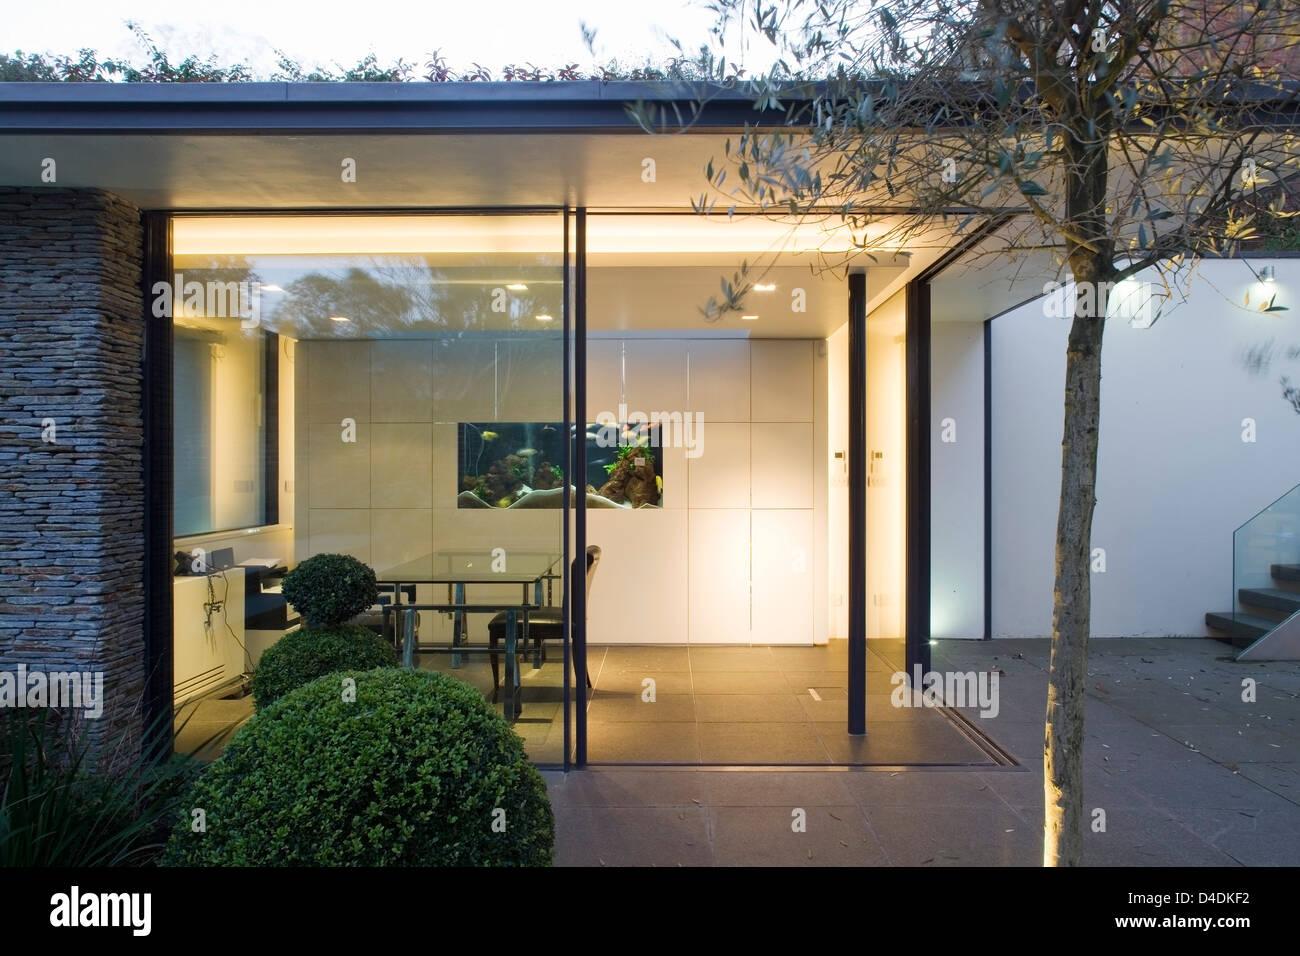 Gartenhaus Als Büro privathaus, london, vereinigtes königreich. architekt: richard